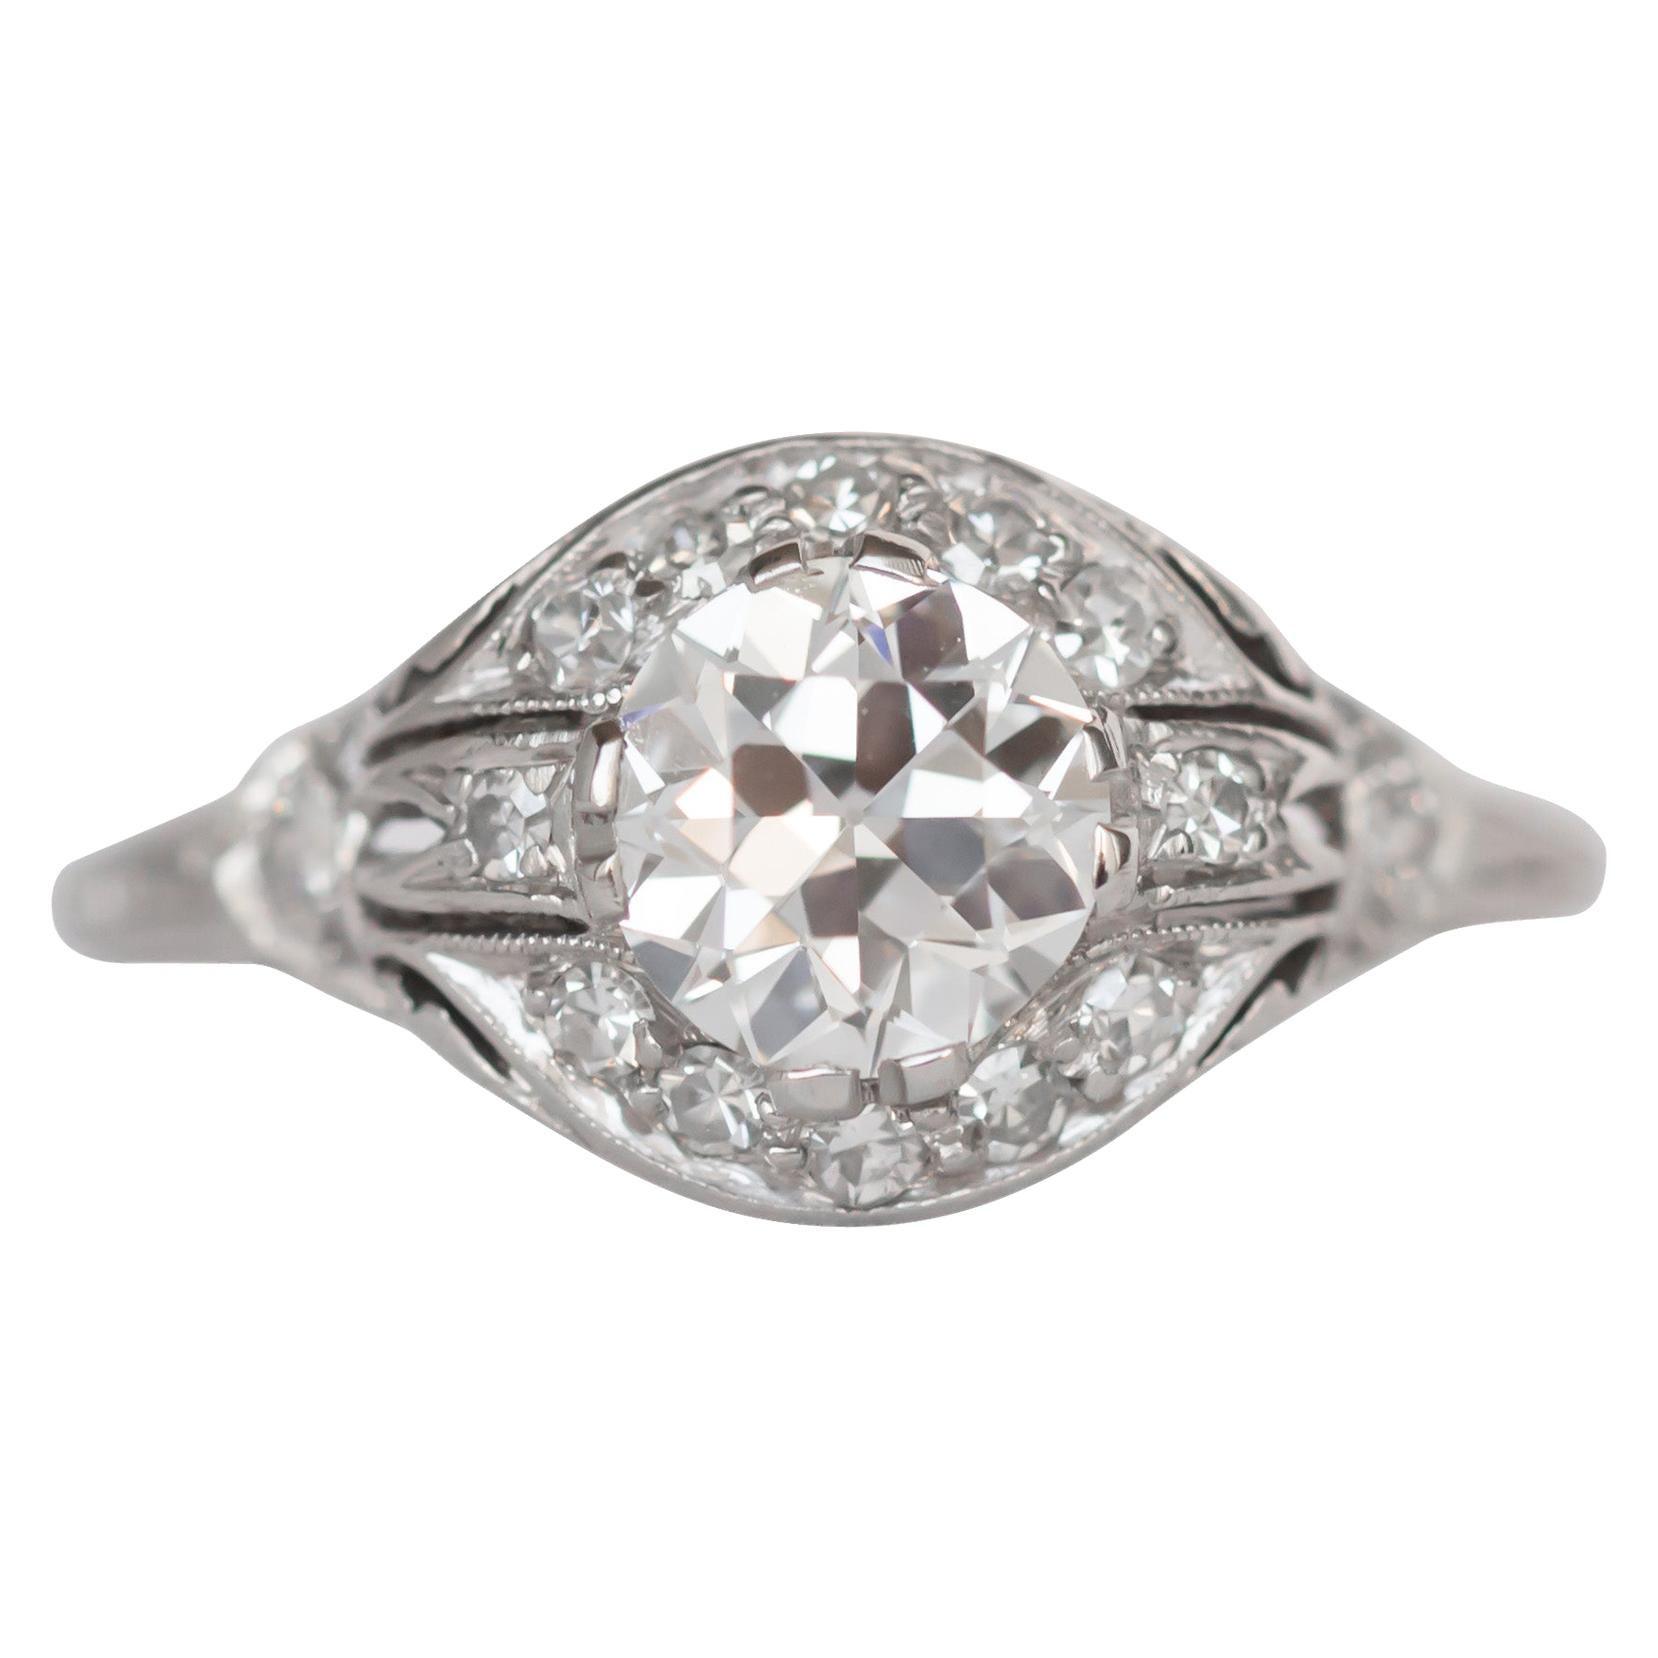 GIA Certified 1.01 Carat Diamond Platinum Engagement Ring